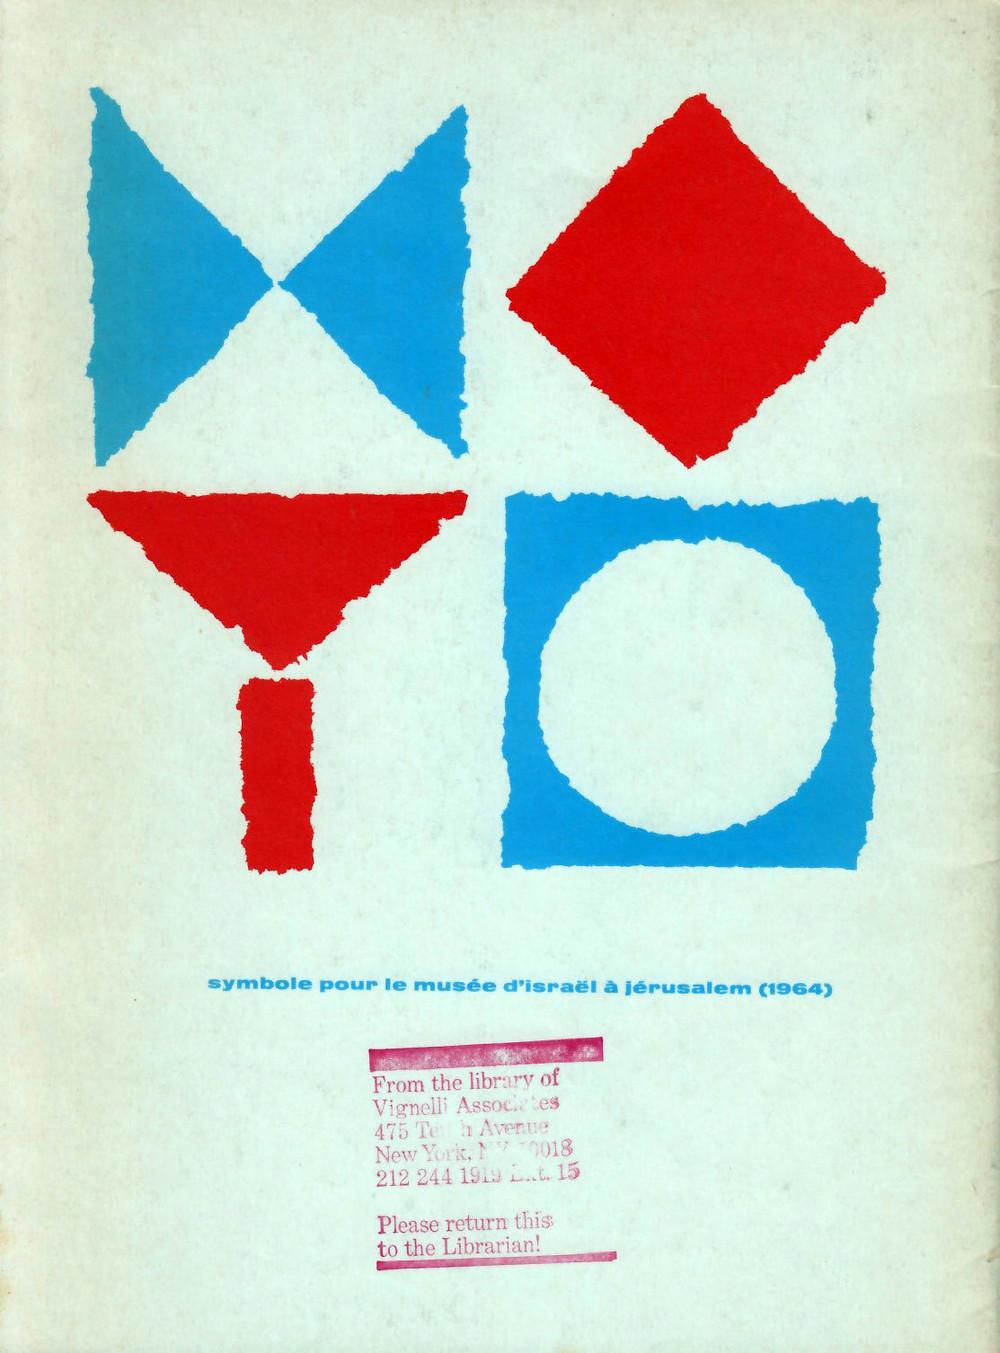 Symbols for le Musée d'Isreal a Jérussalem, 1964.